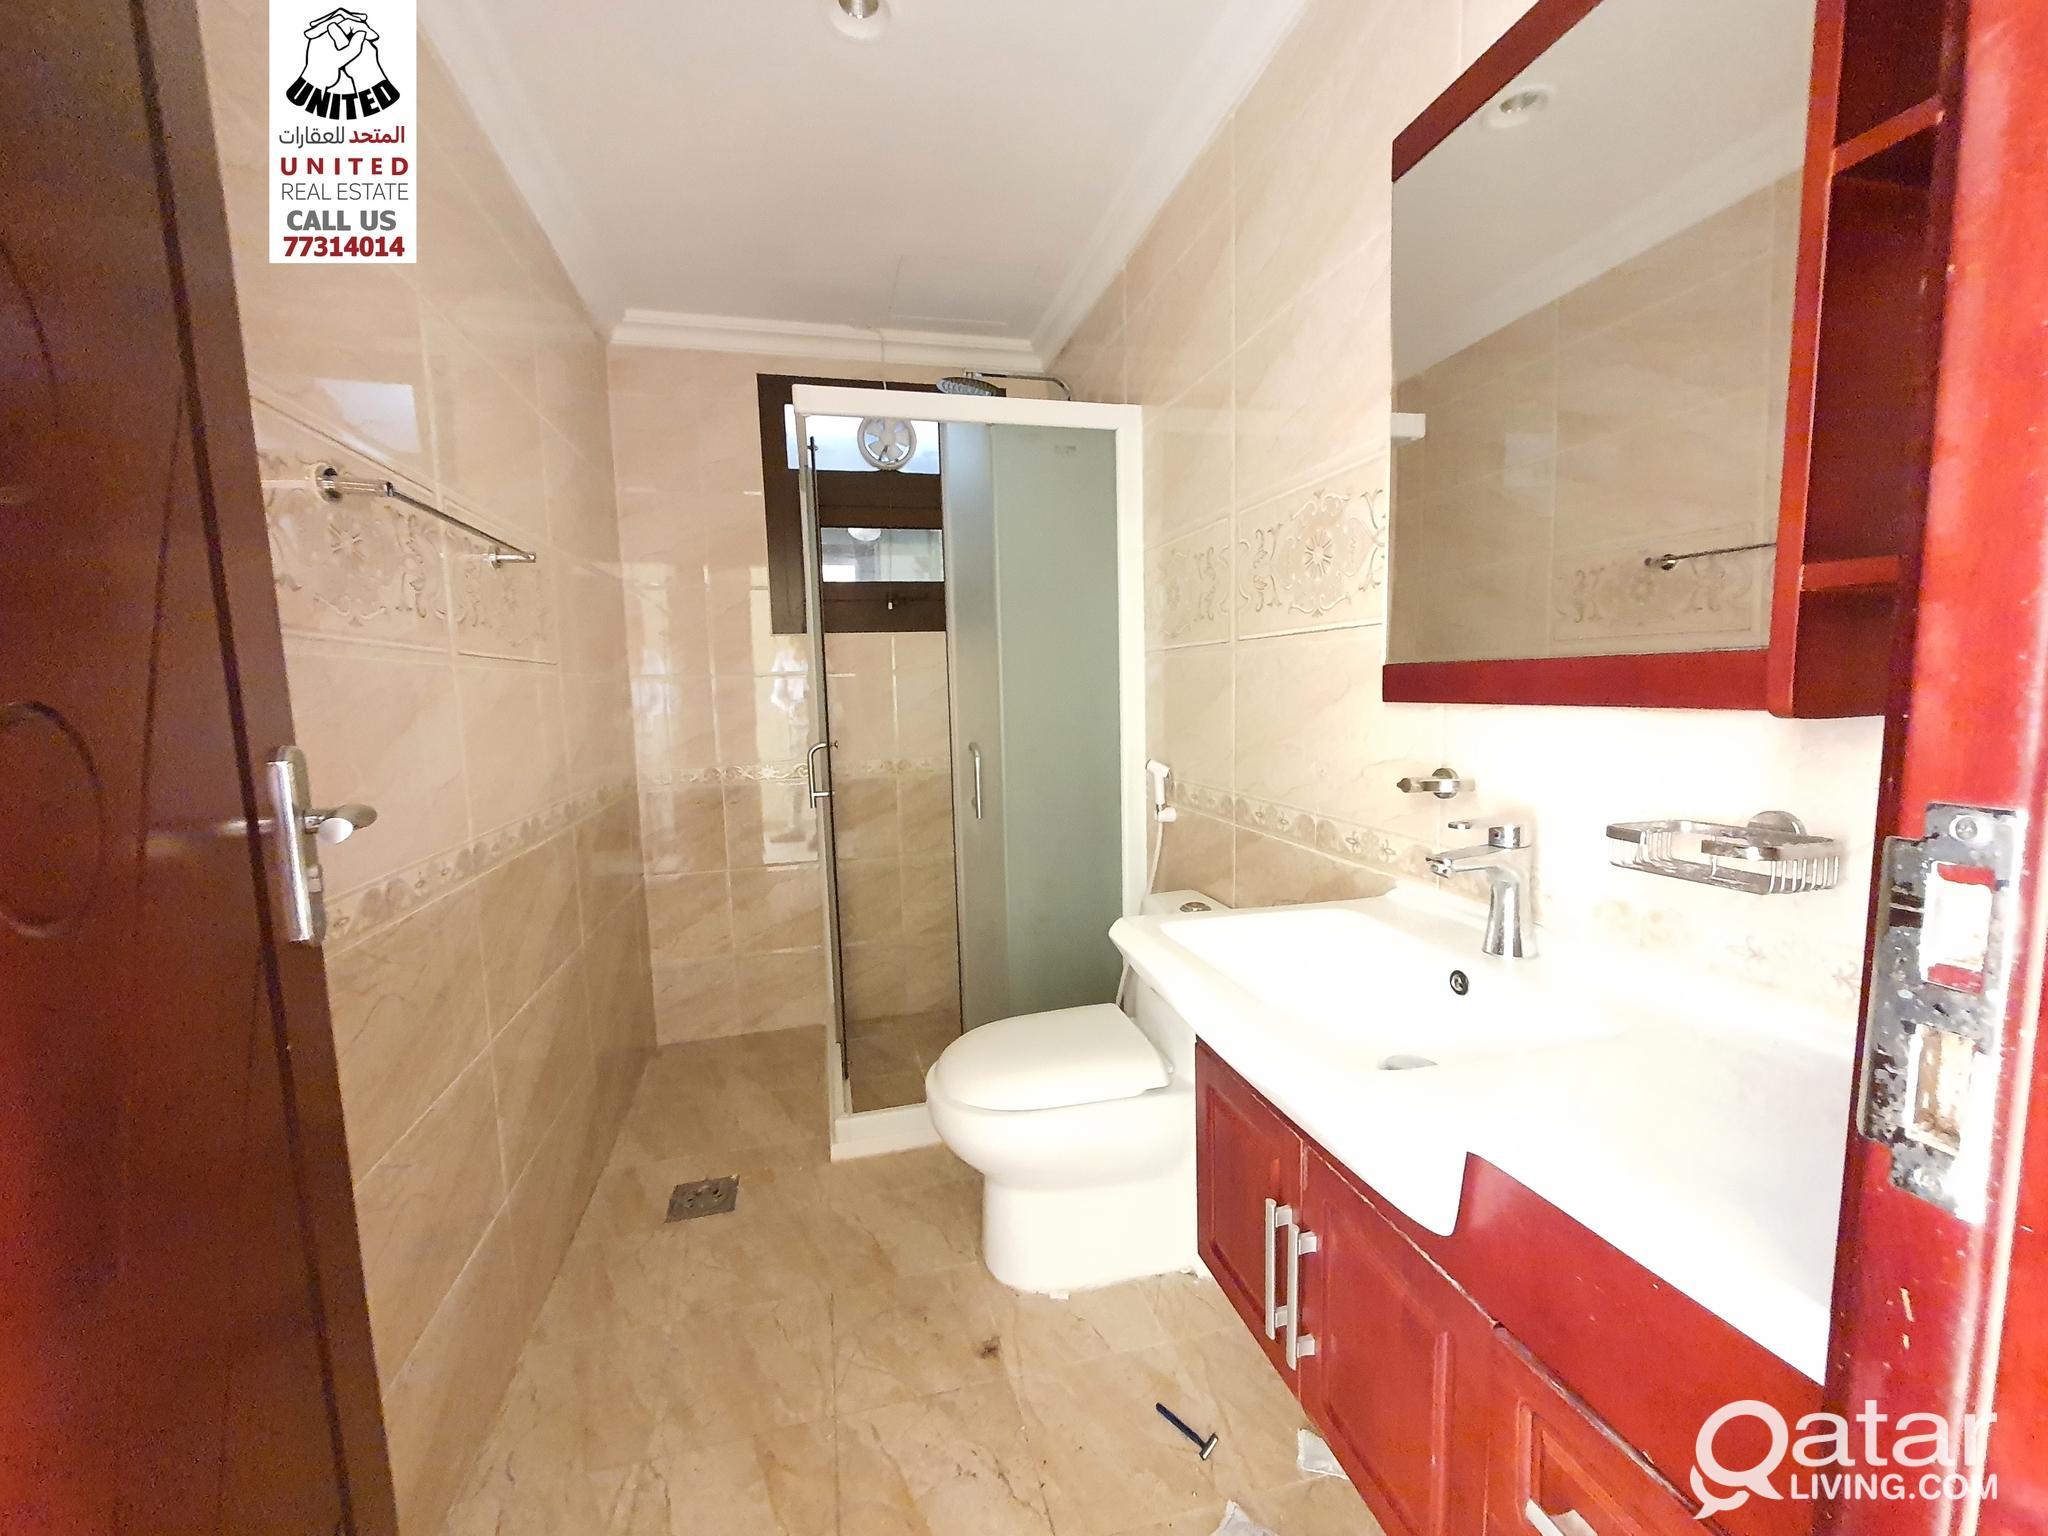 4 BHK Villa in Umm salal - فيلا في ام صلال 4 غرف